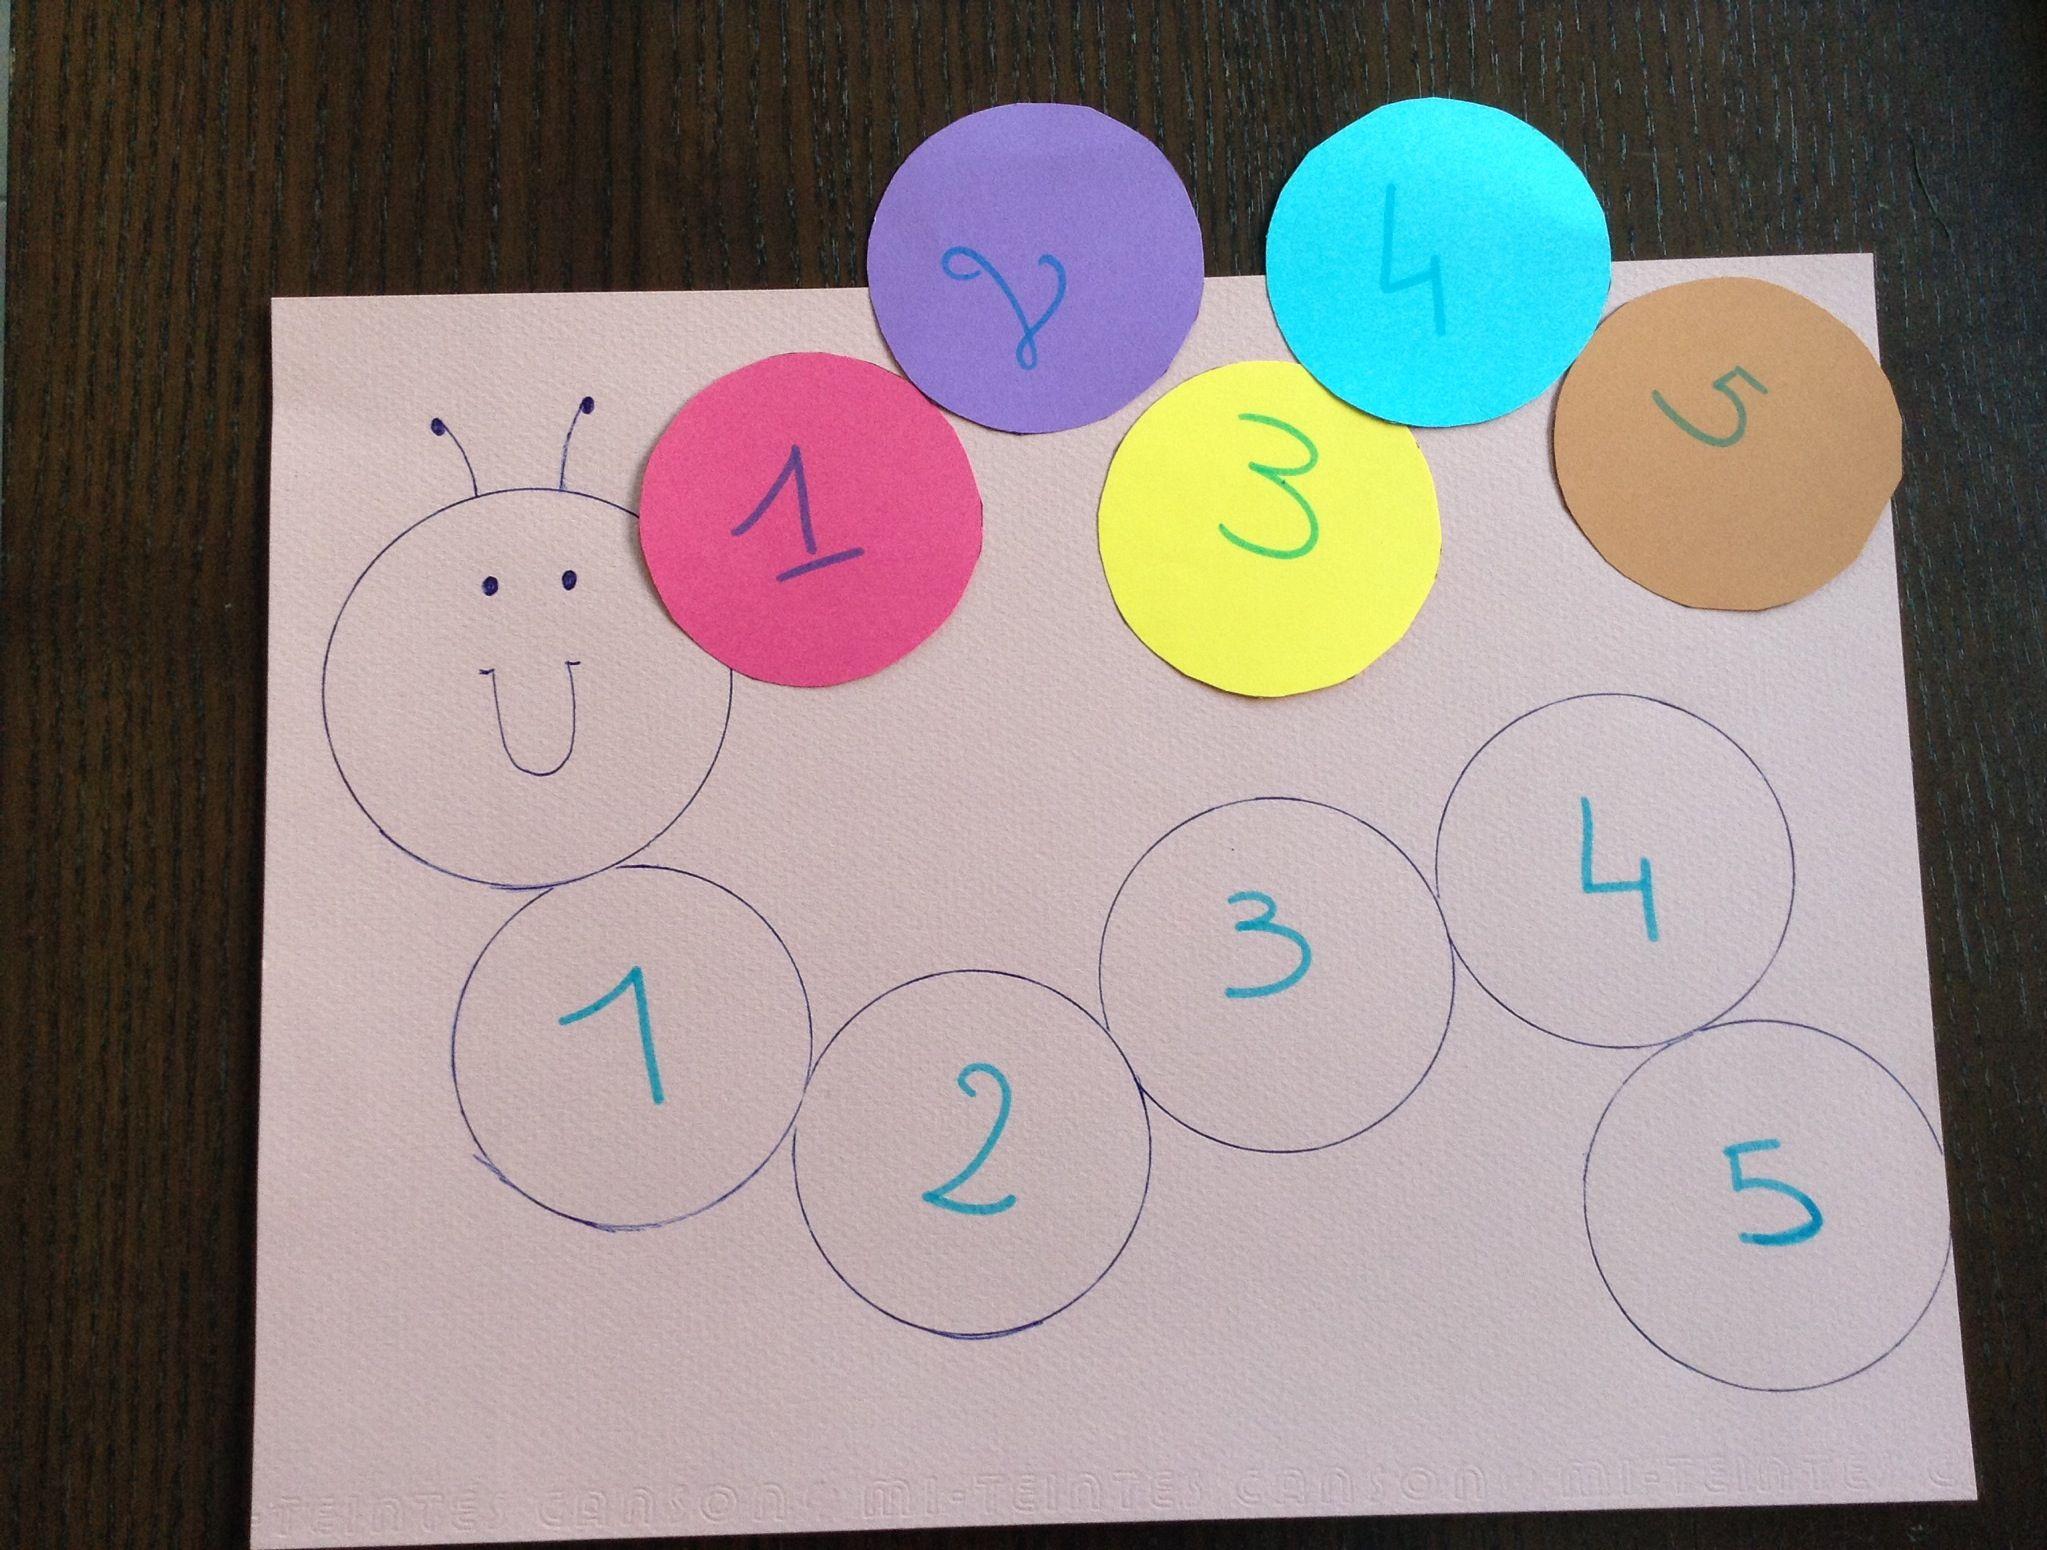 activit enfant apprendre compter et reconna tre les. Black Bedroom Furniture Sets. Home Design Ideas